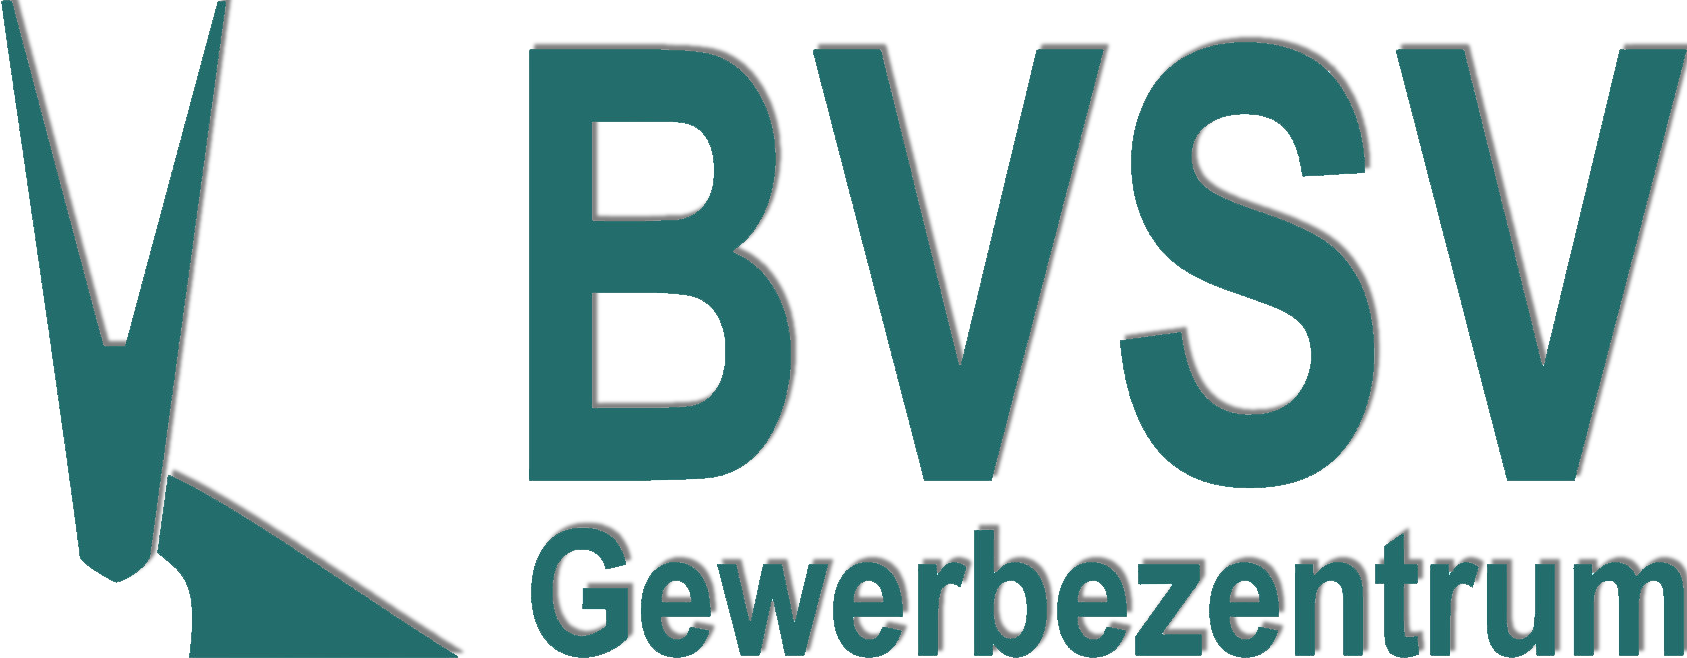 BVSV – Gewerbezentrum